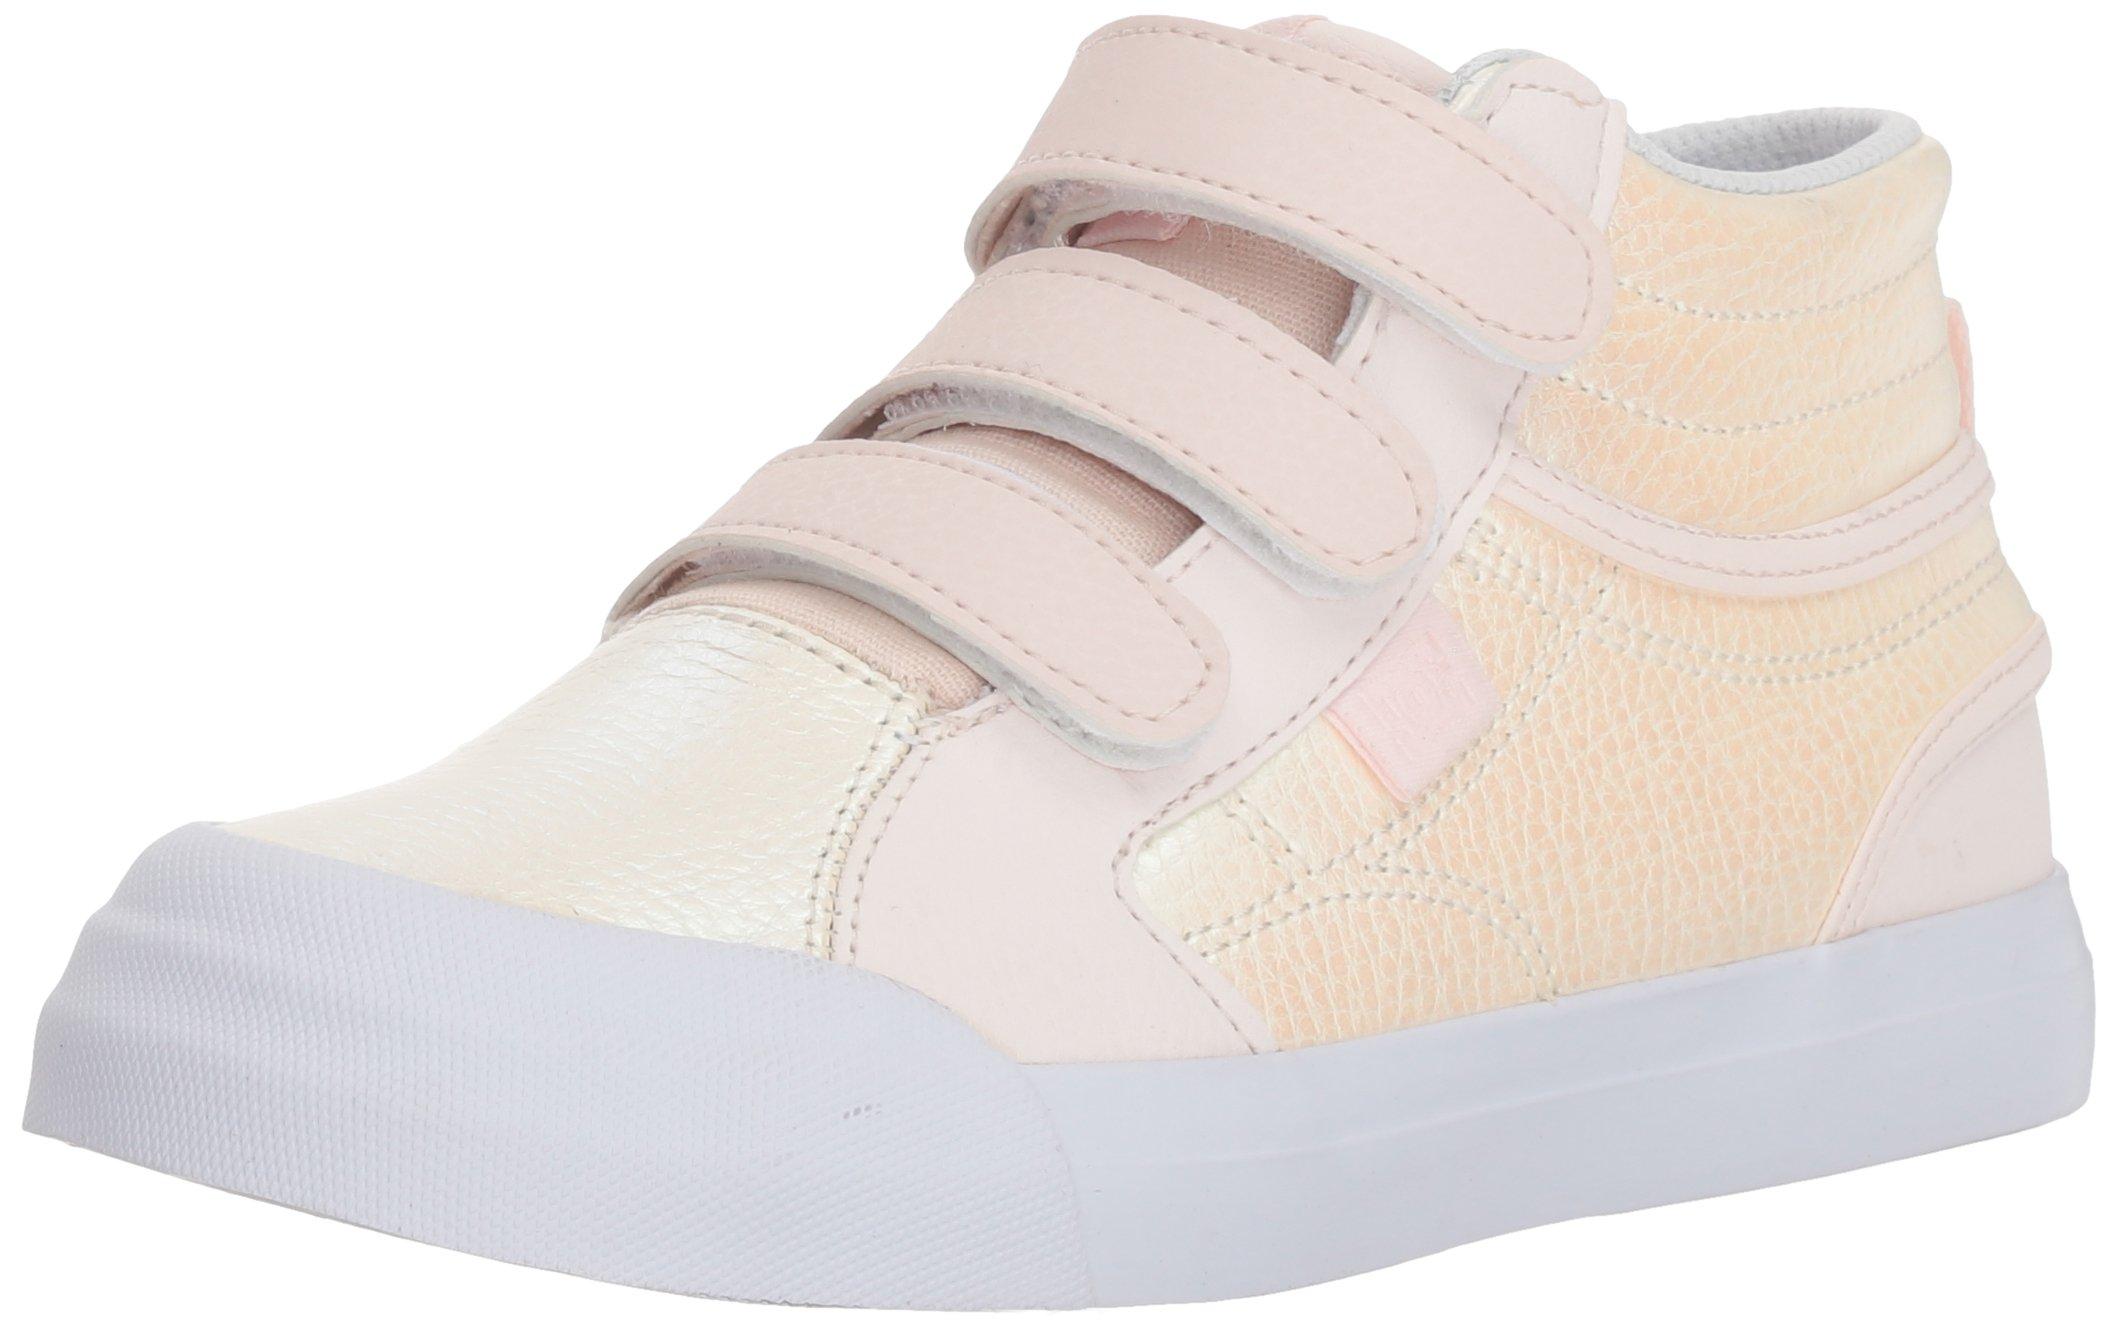 Light Pink Se Skate Us Big V Shoe 4 Evan Hi Girls' Dc Kid 5 M 2YeDWEH9I